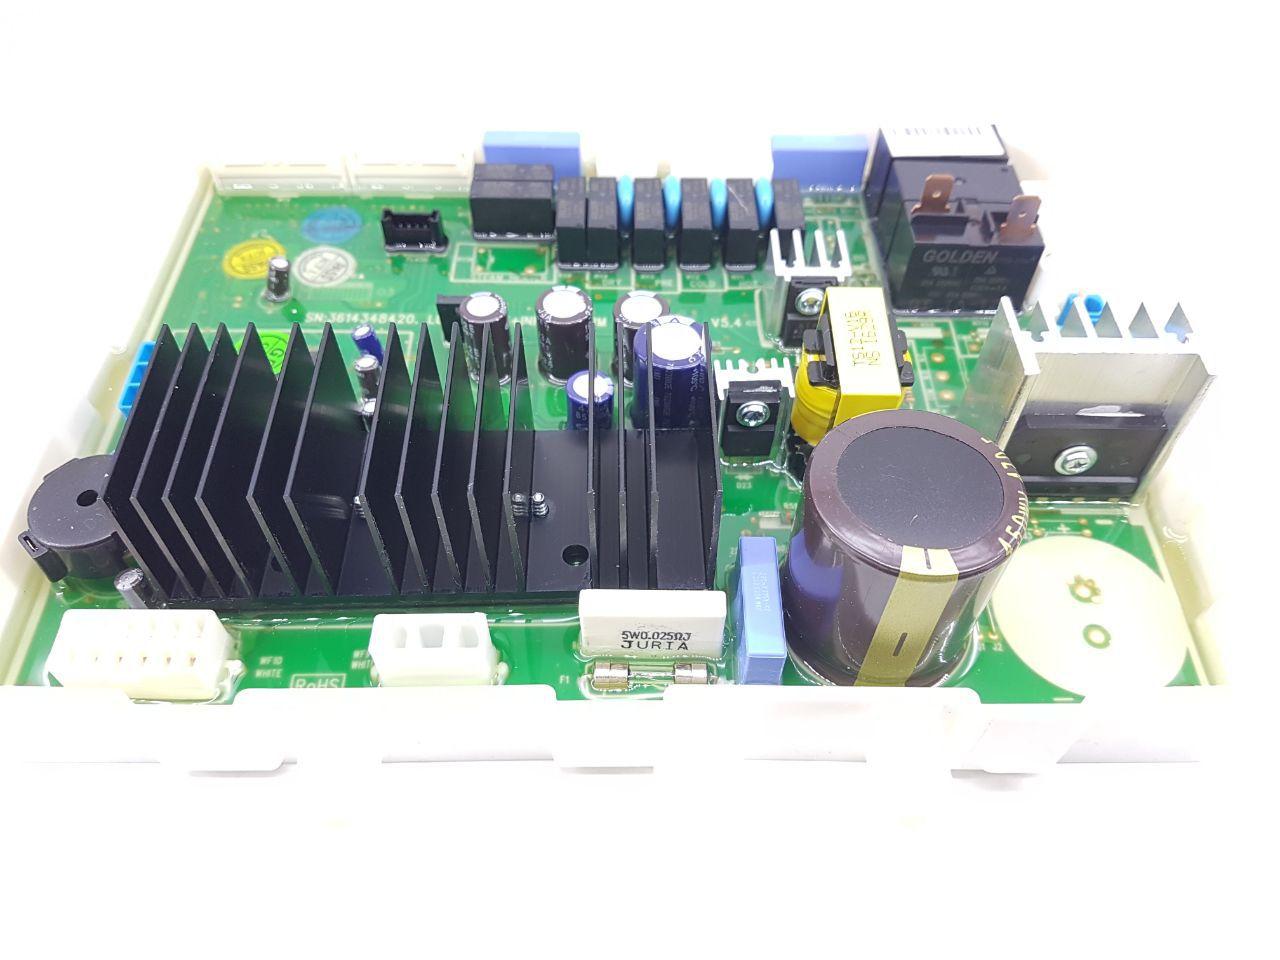 Placa Eletrônica Electrolux Lse09 361mpcld61 Original 220v